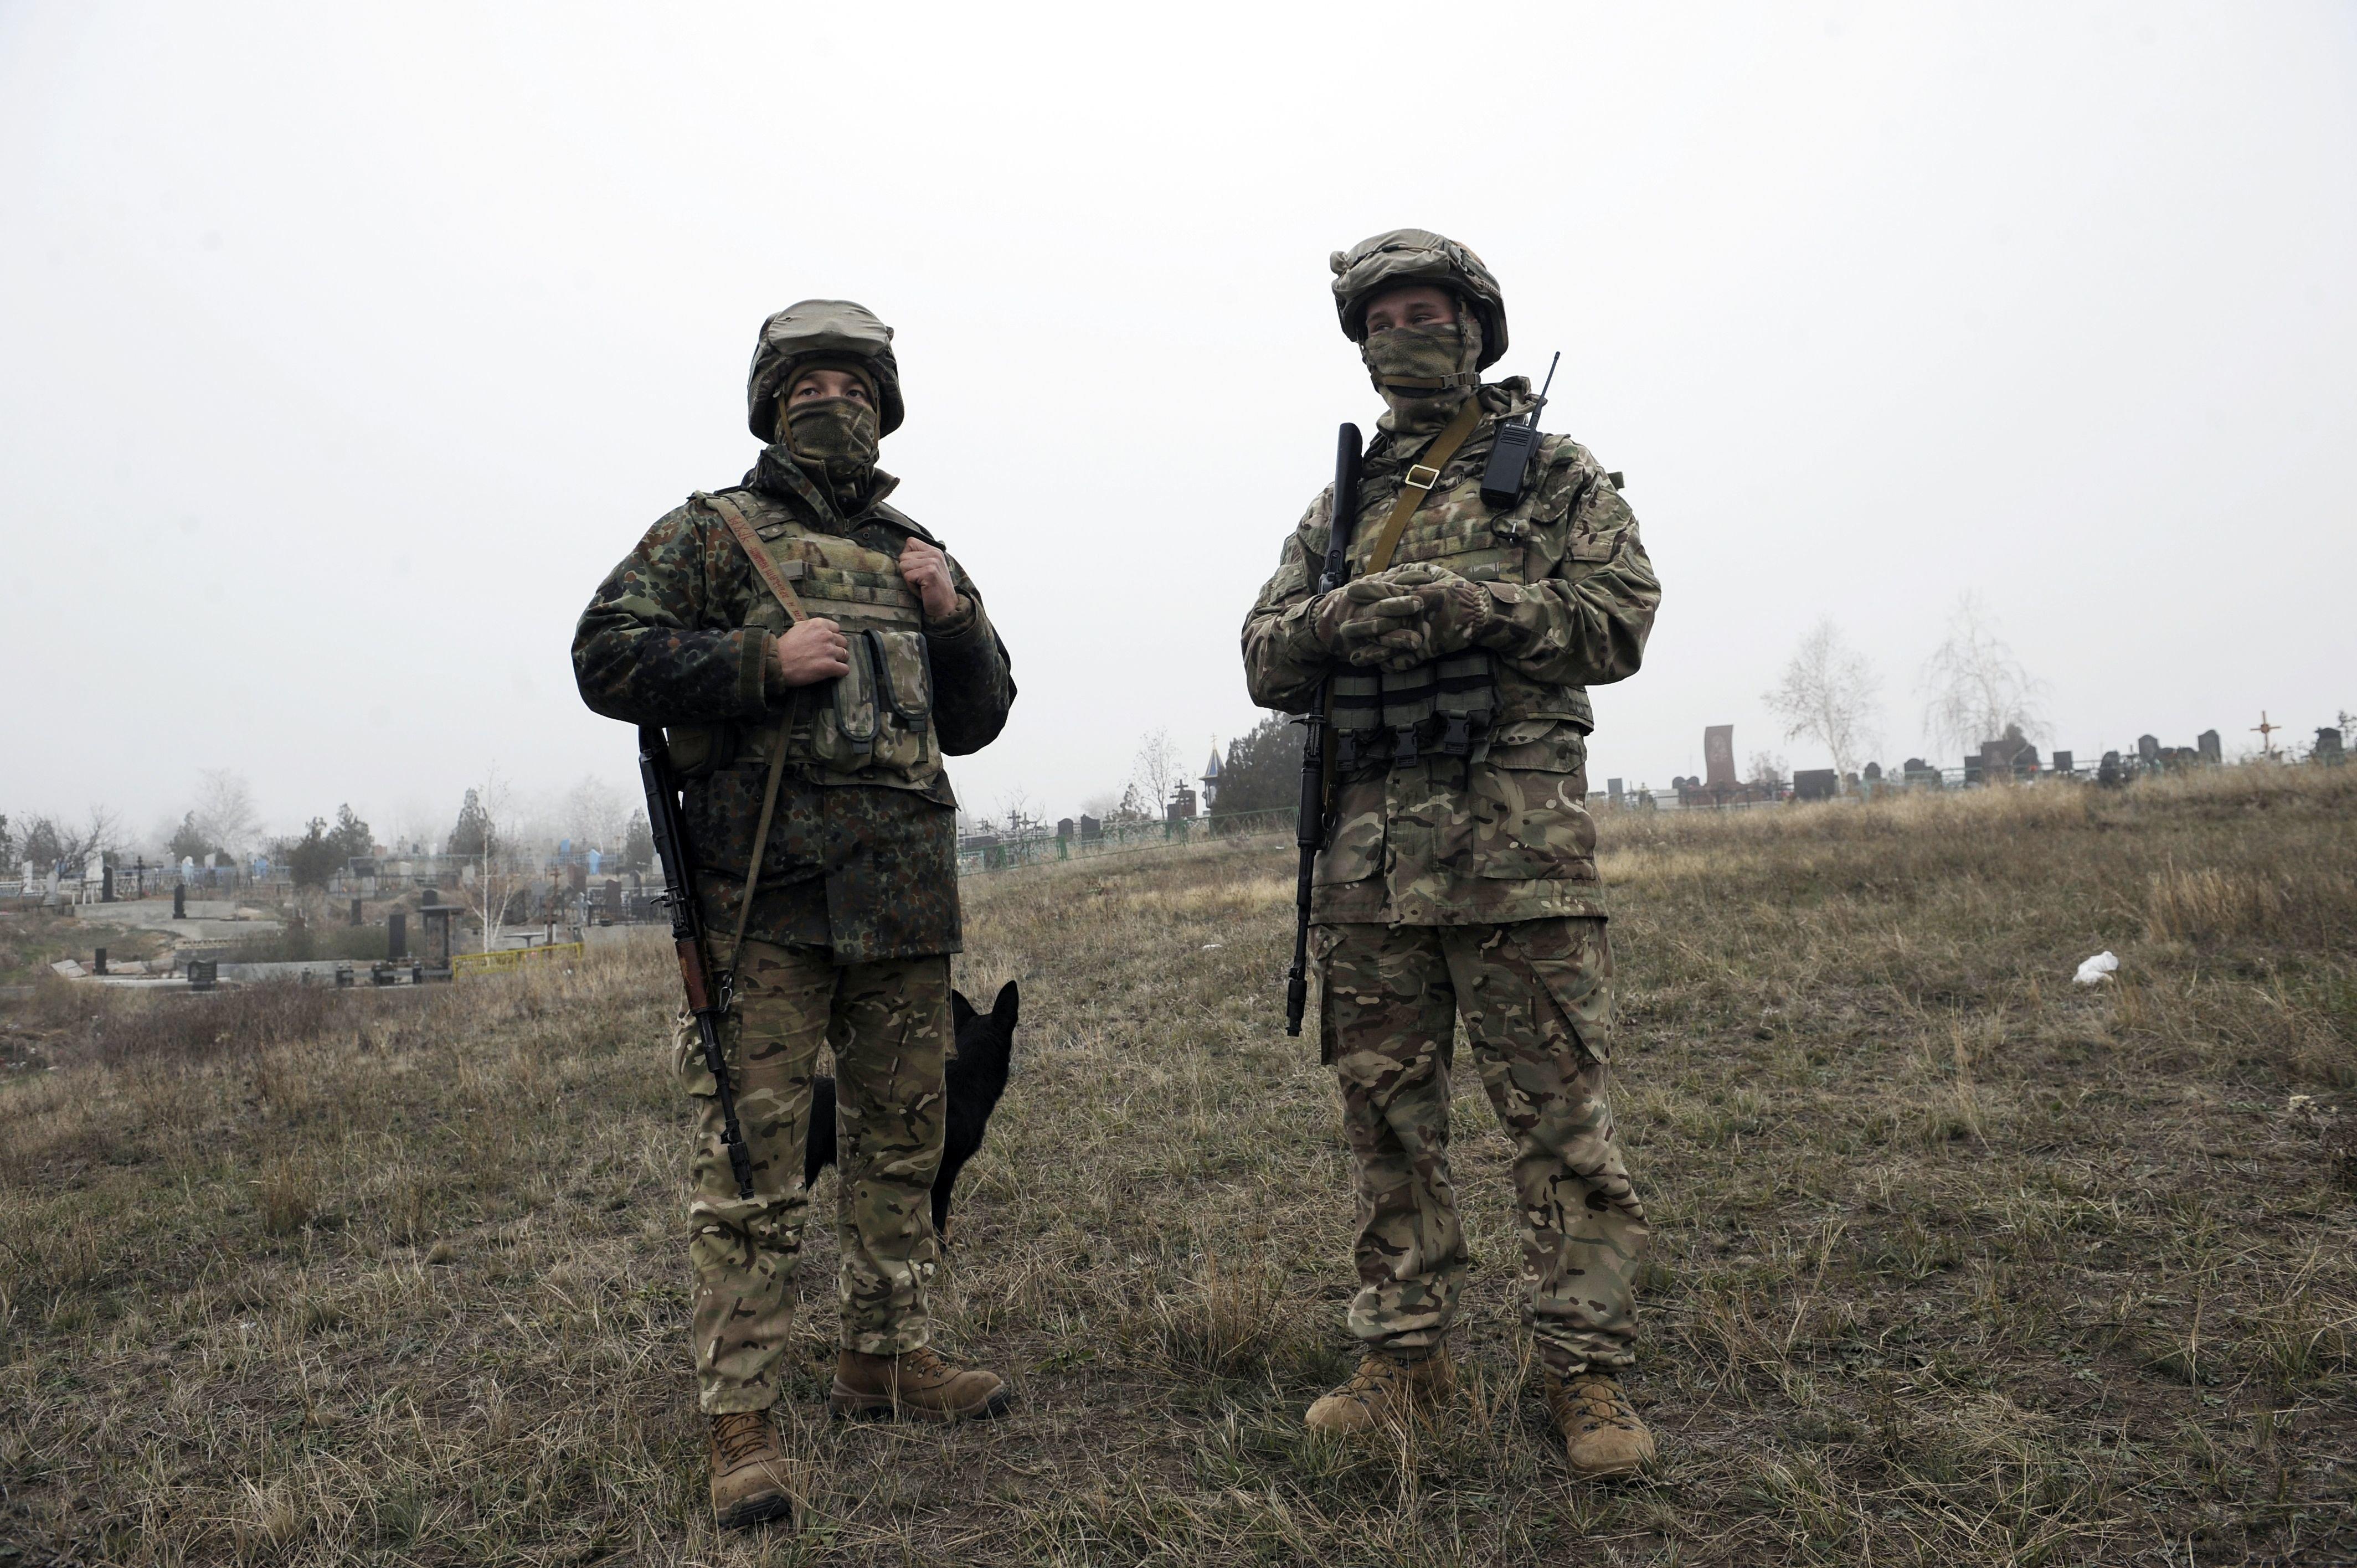 Το Υπ. Εξ. της Ουκρανίας κάνει έκκληση στους συμμάχους για να αποτρέψουν τη ρωσική